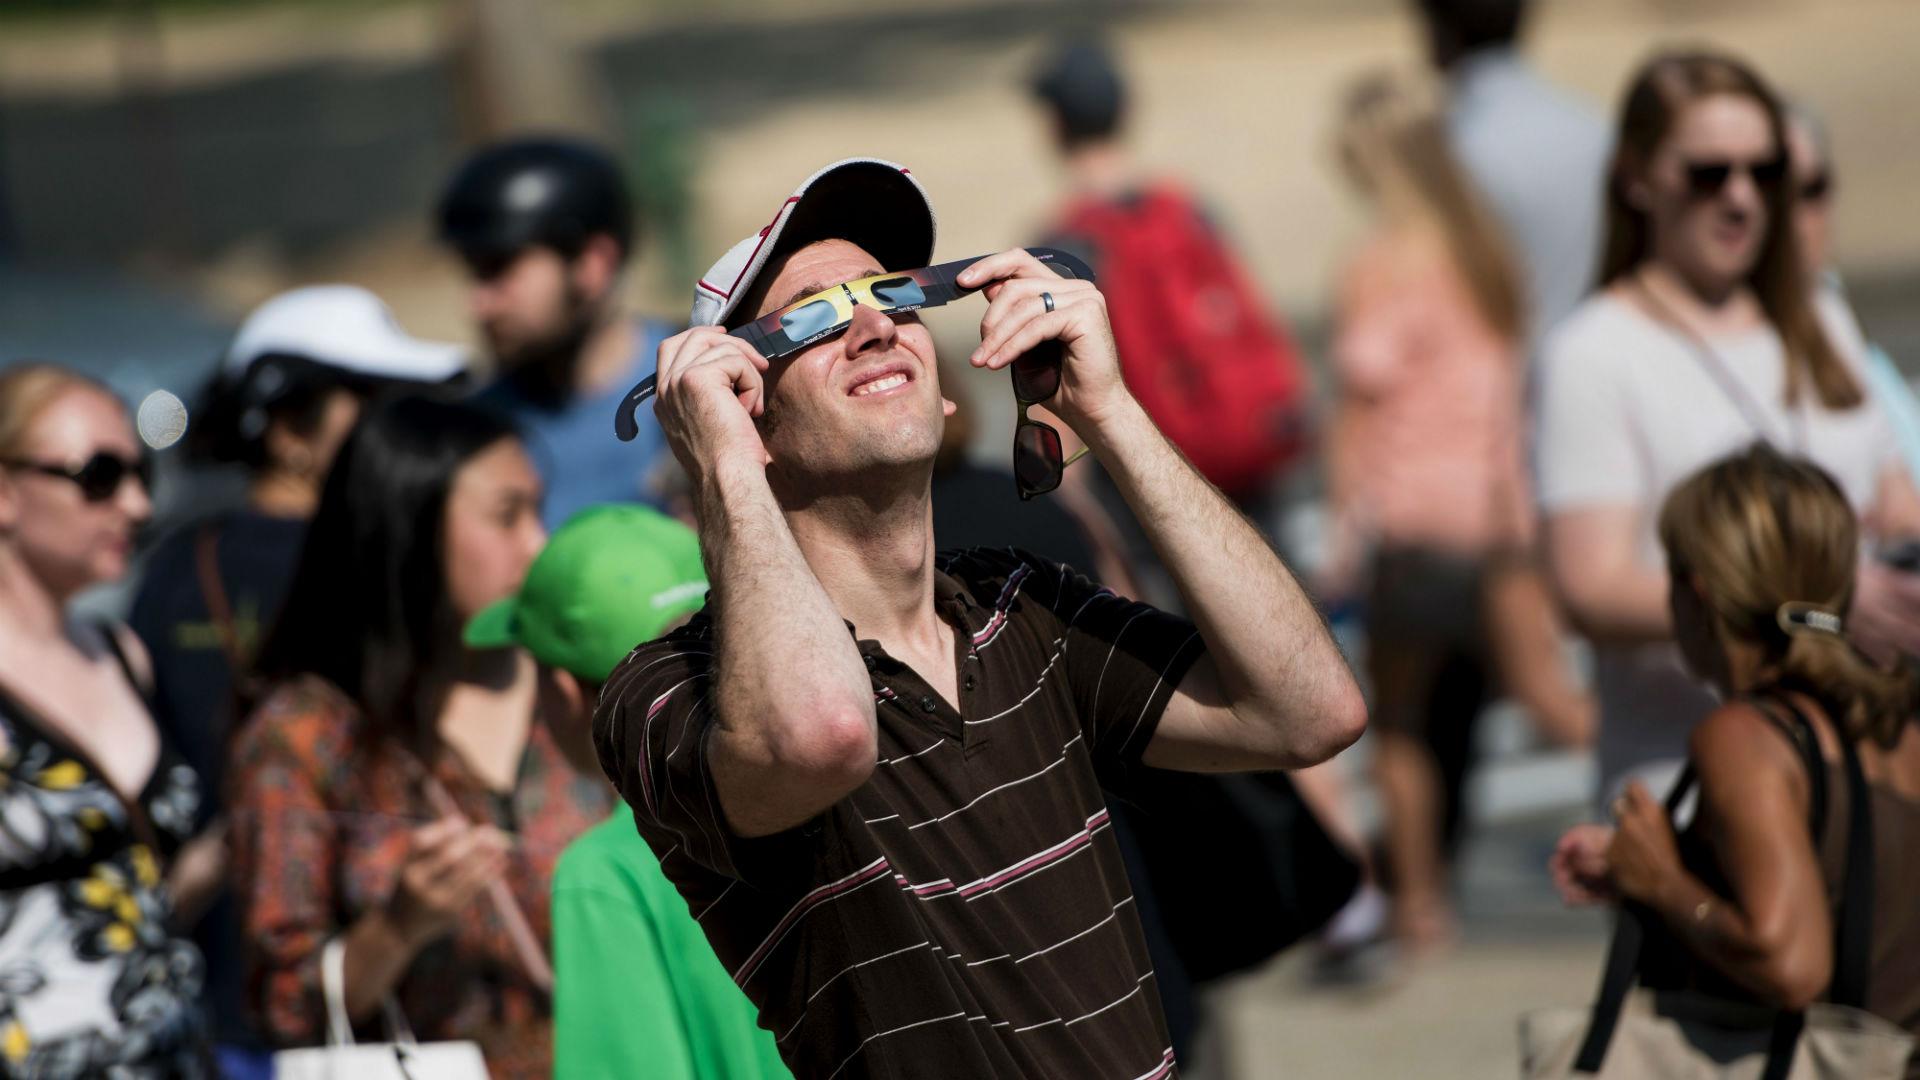 Eclipse 2017 En Houston >> Eclipse solar 2017: Mitos y realidades sobre este fenómeno natural - Univision 34 Los Angeles ...